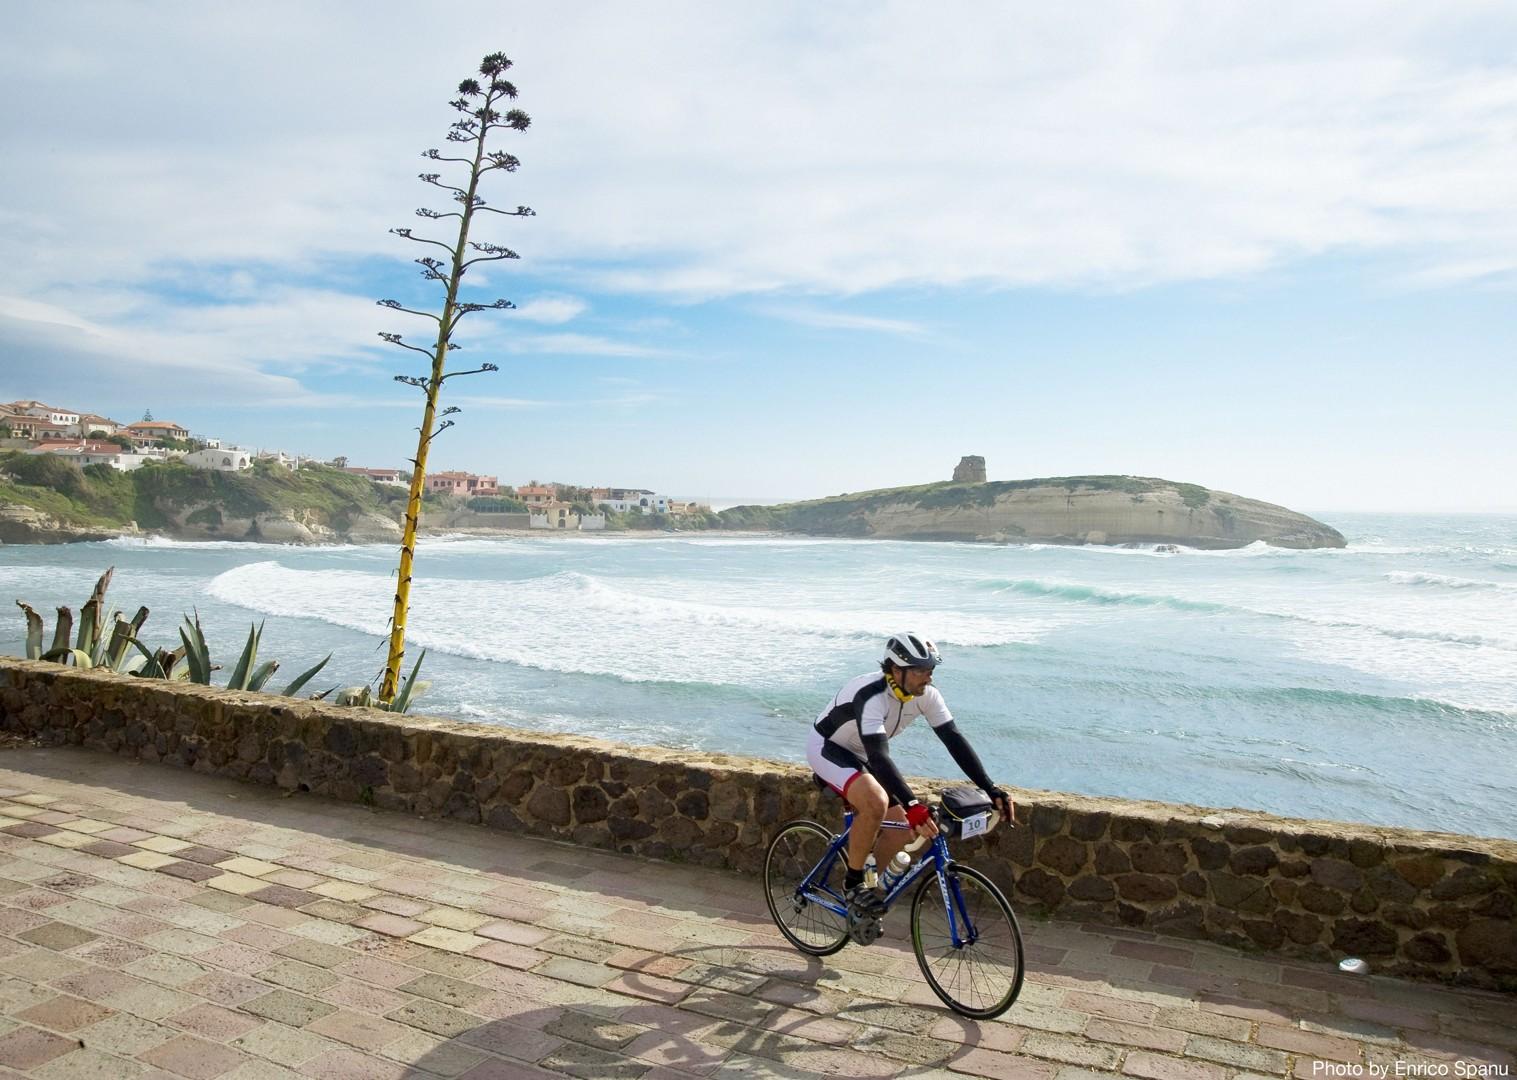 Road-Cycling-Holiday-Coastal-Explorer-Sardinia-Italy.jpg - Italy - Net Trade Rate - Coastal TranSardinia - Self-Guided Road Cycling Holiday - Italia Road Cycling